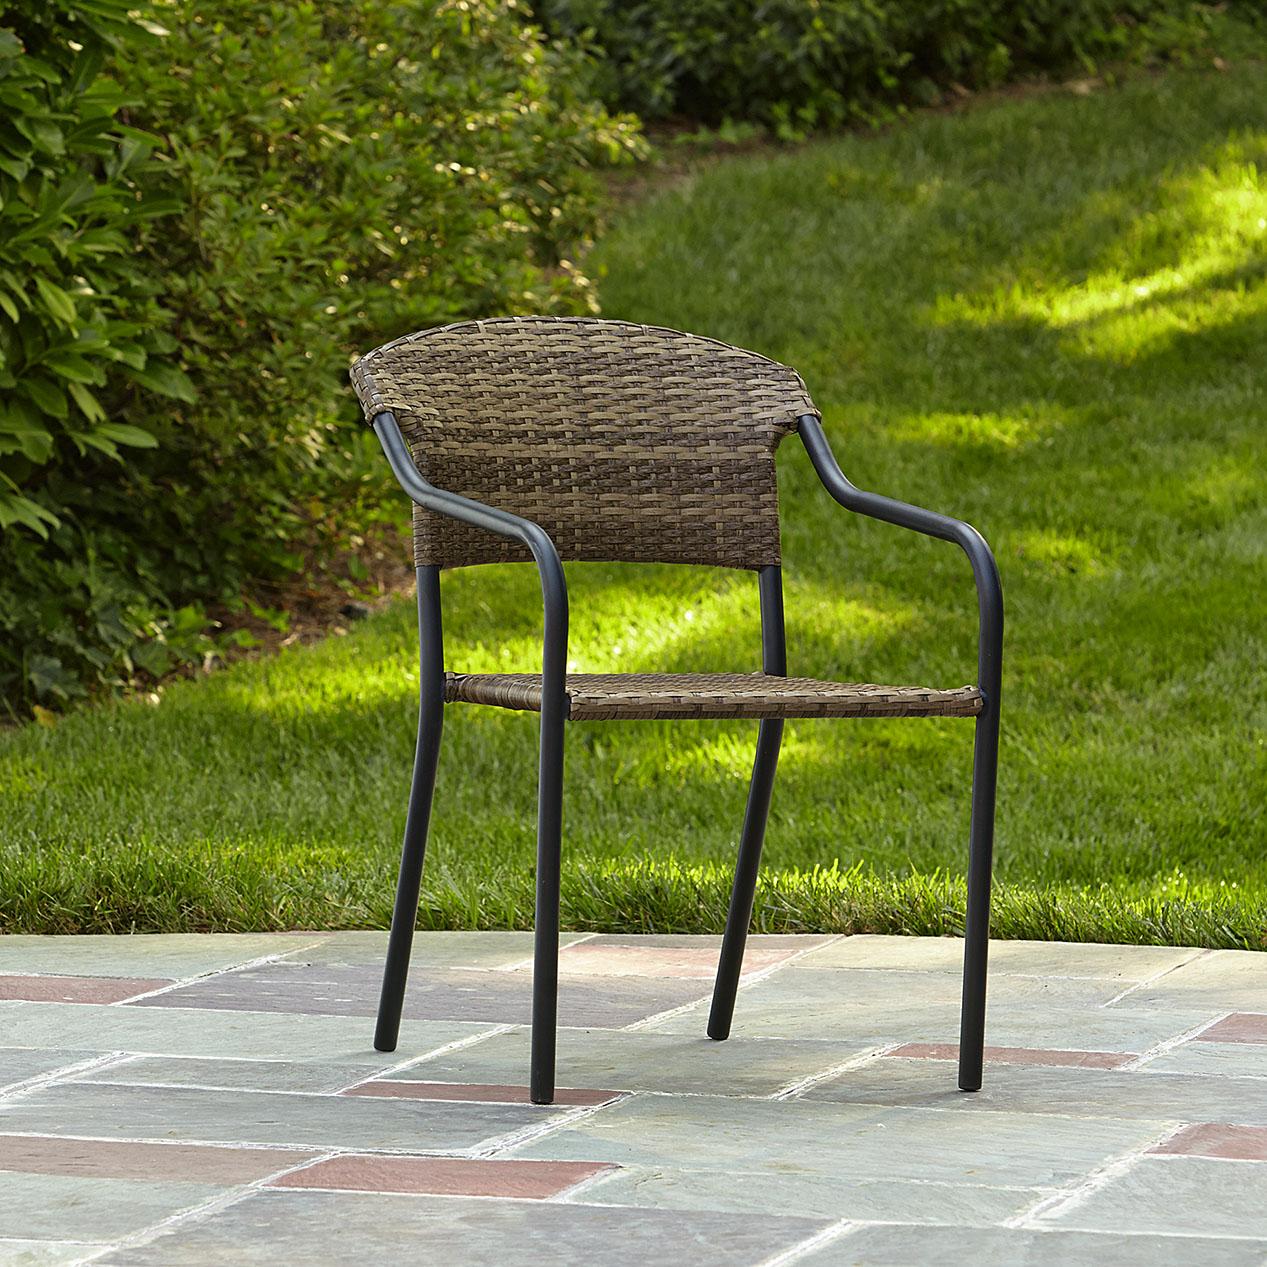 essential garden steel stack wicker chair - outdoor living - patio furniture